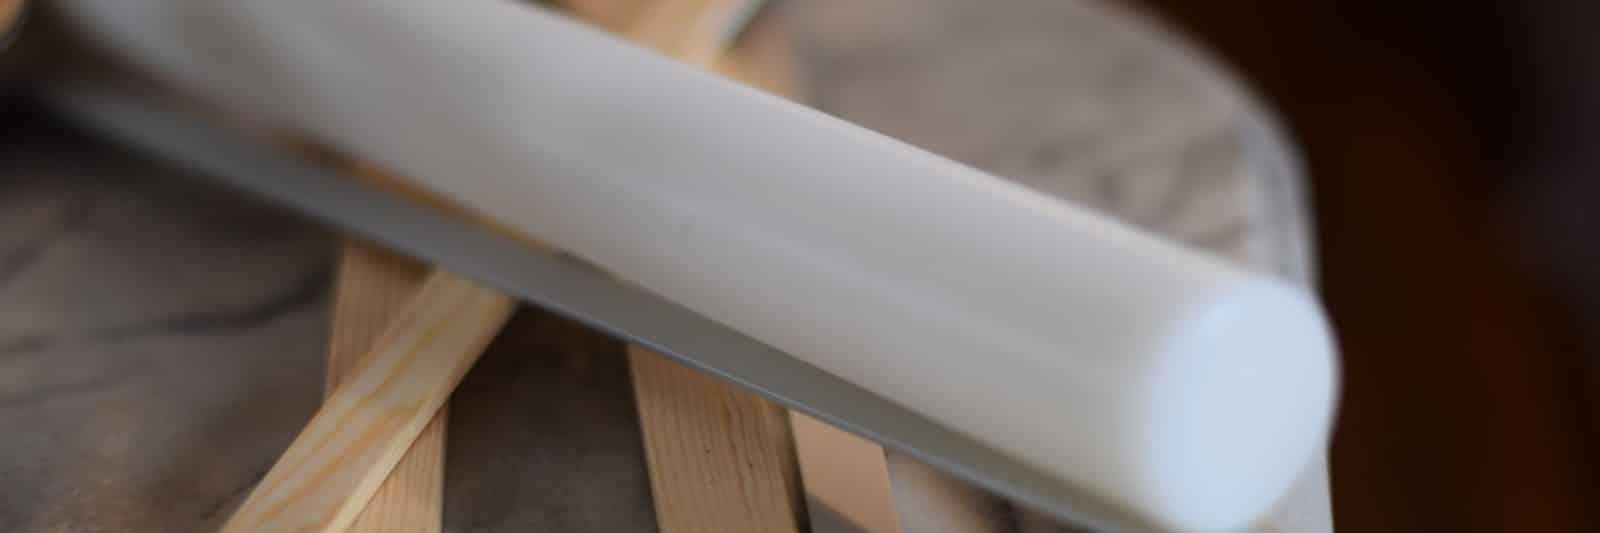 Glutenvrij. Witte deegroller met diverse uitrolstokjes van hout en metaal, als mikado stokjes op een marmeren blad.